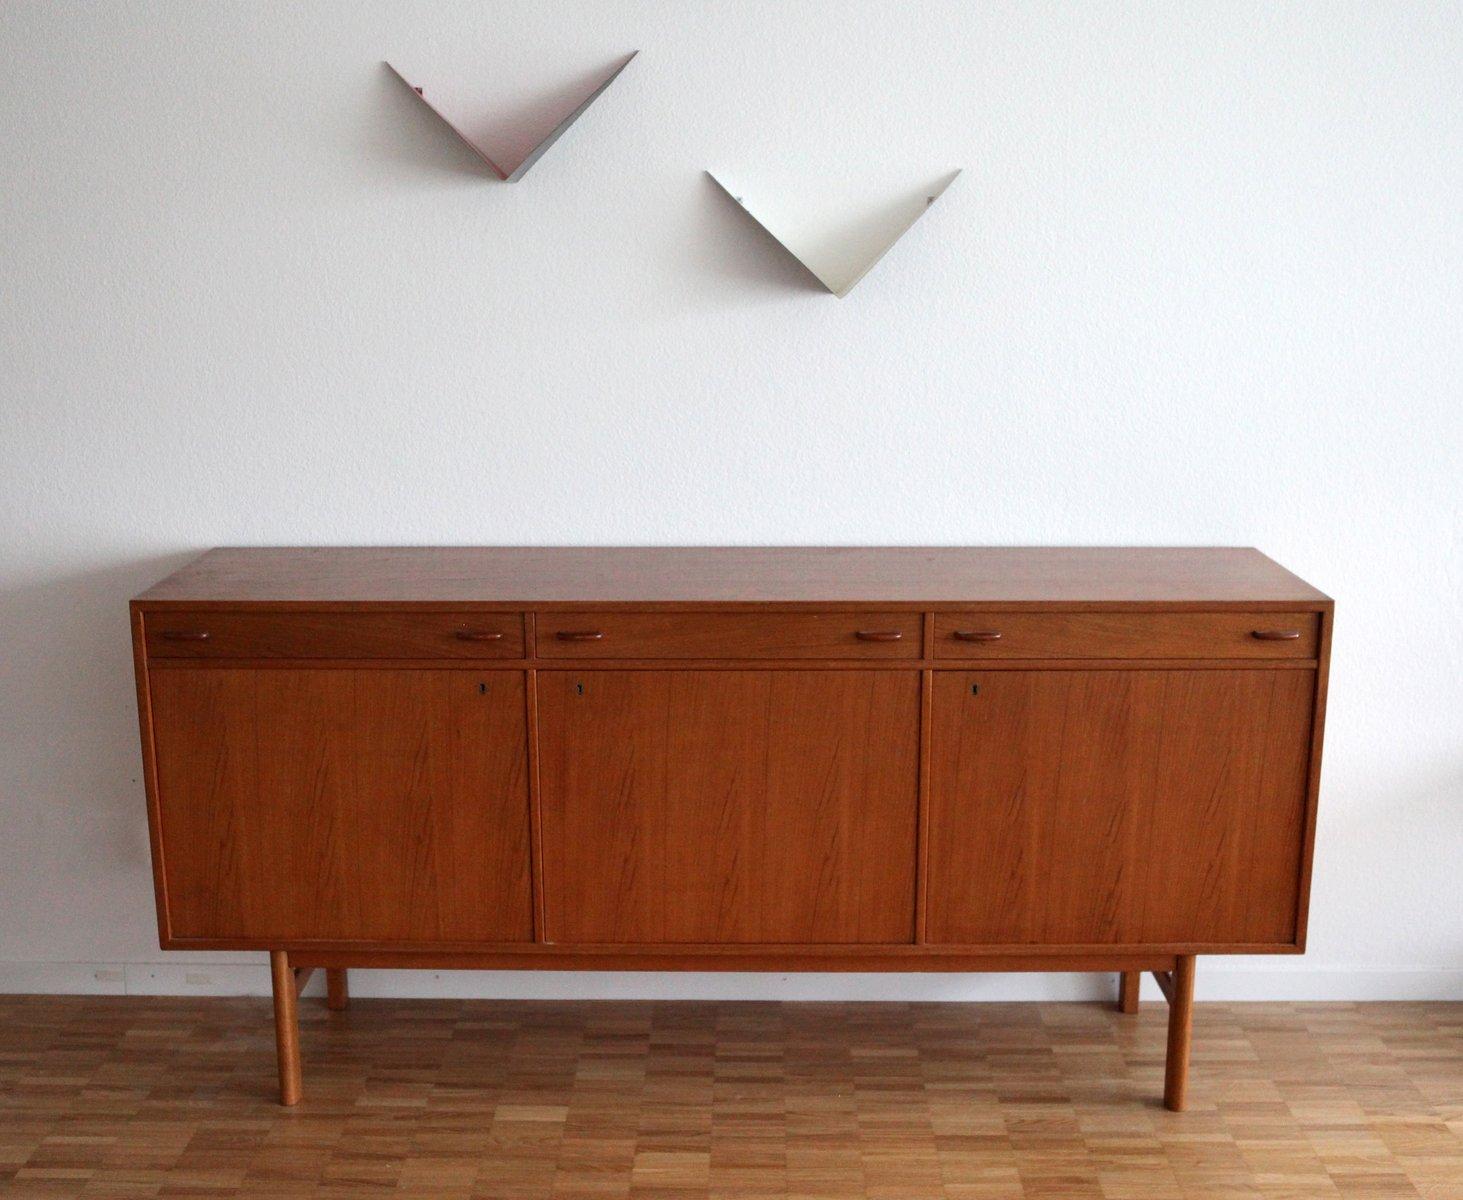 danish midcentury modern teak sideboard. danish midcentury modern teak sideboard for sale at pamono